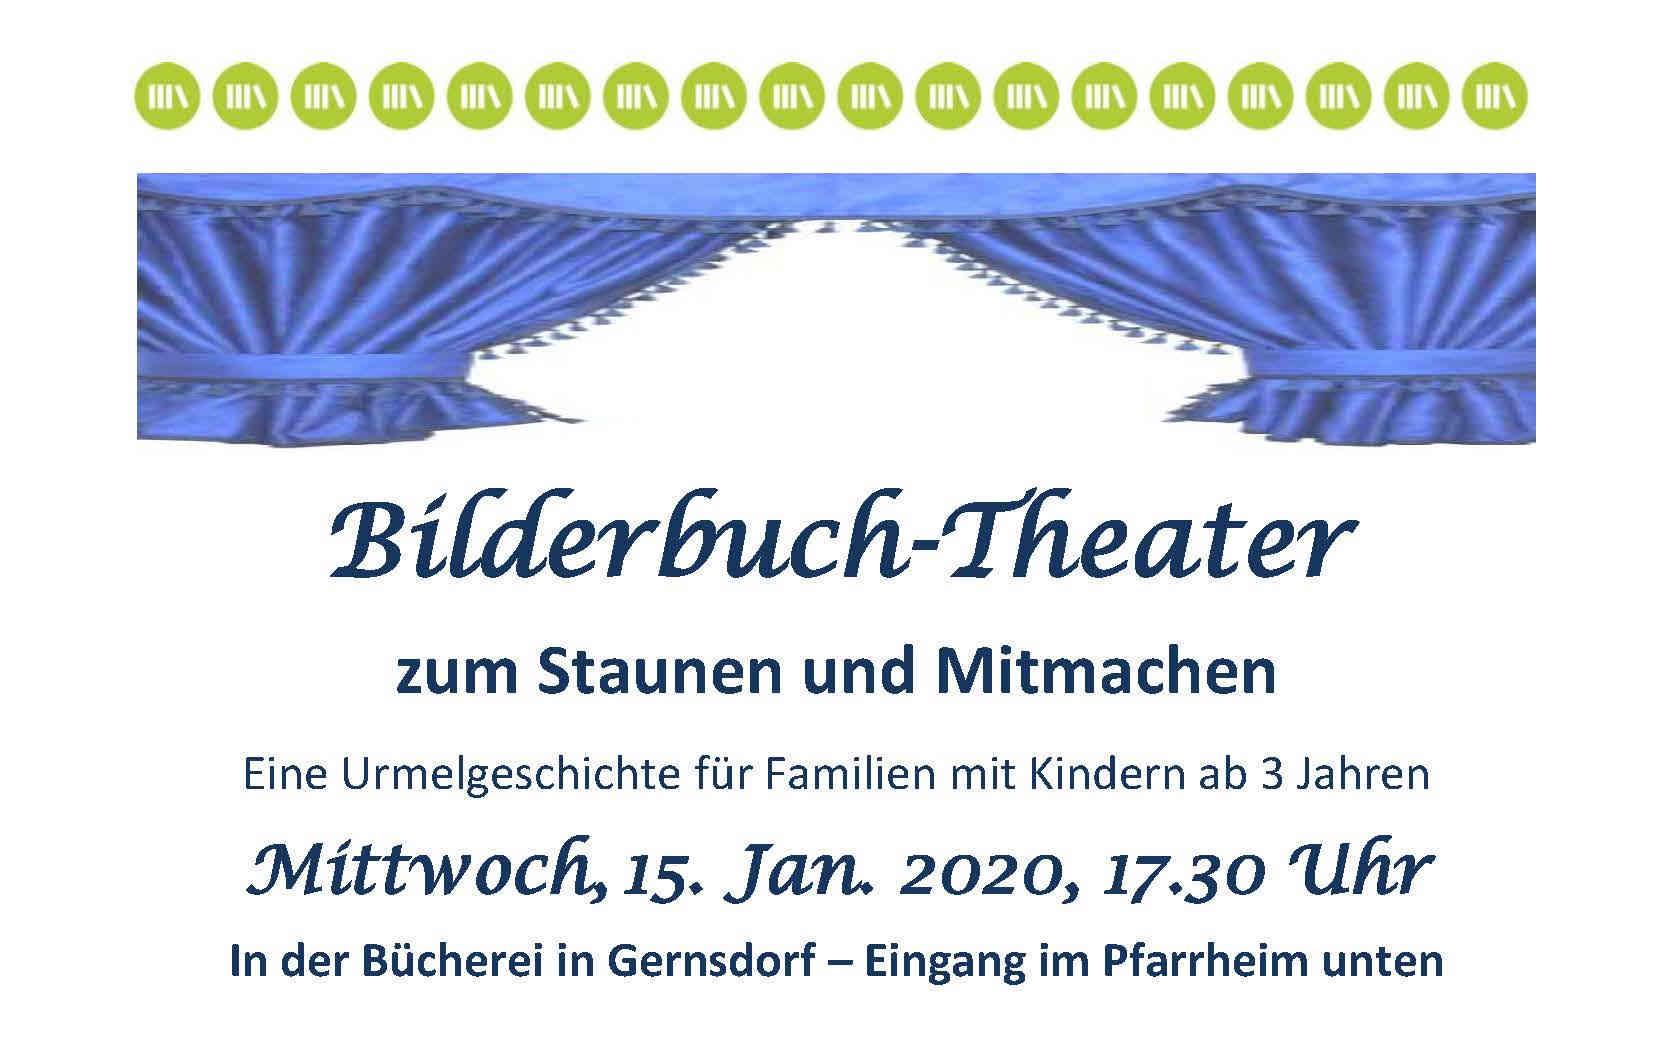 Einladung Bilderbuchtheater Bücherei Gernsdorf